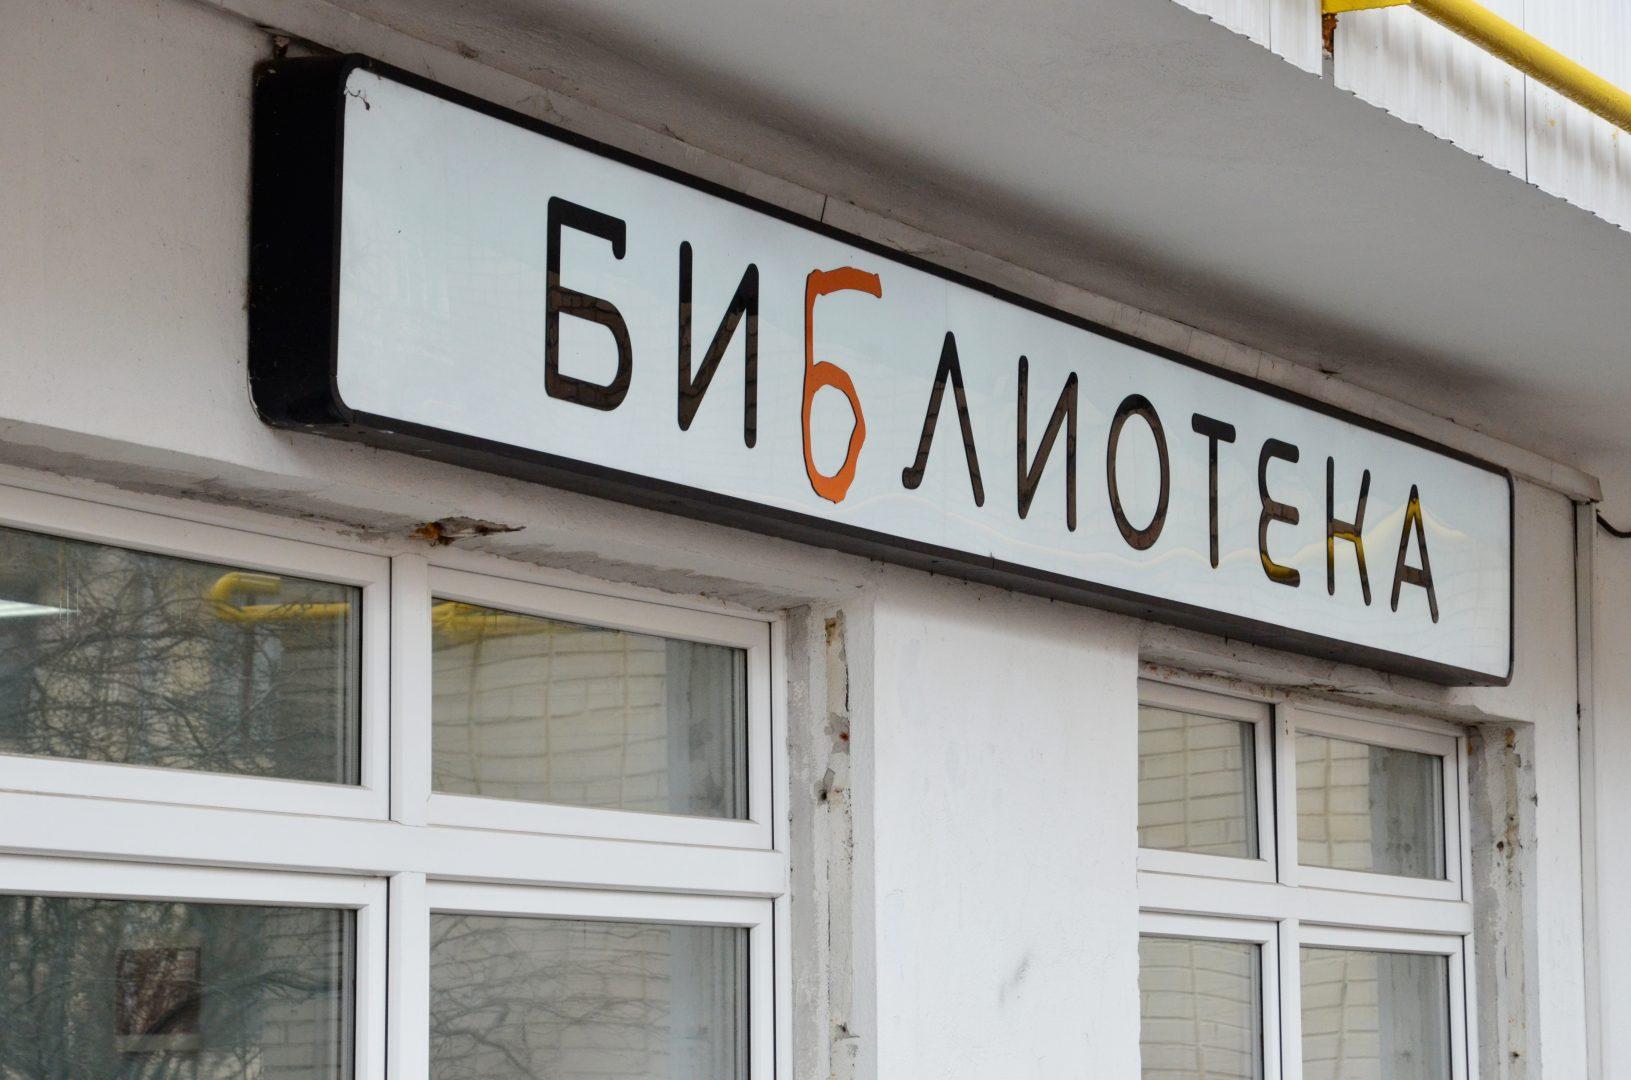 Конкурс чтецов организуют сотрудники библиотеки №262 в Филимонковском. Фото: Анна Быкова